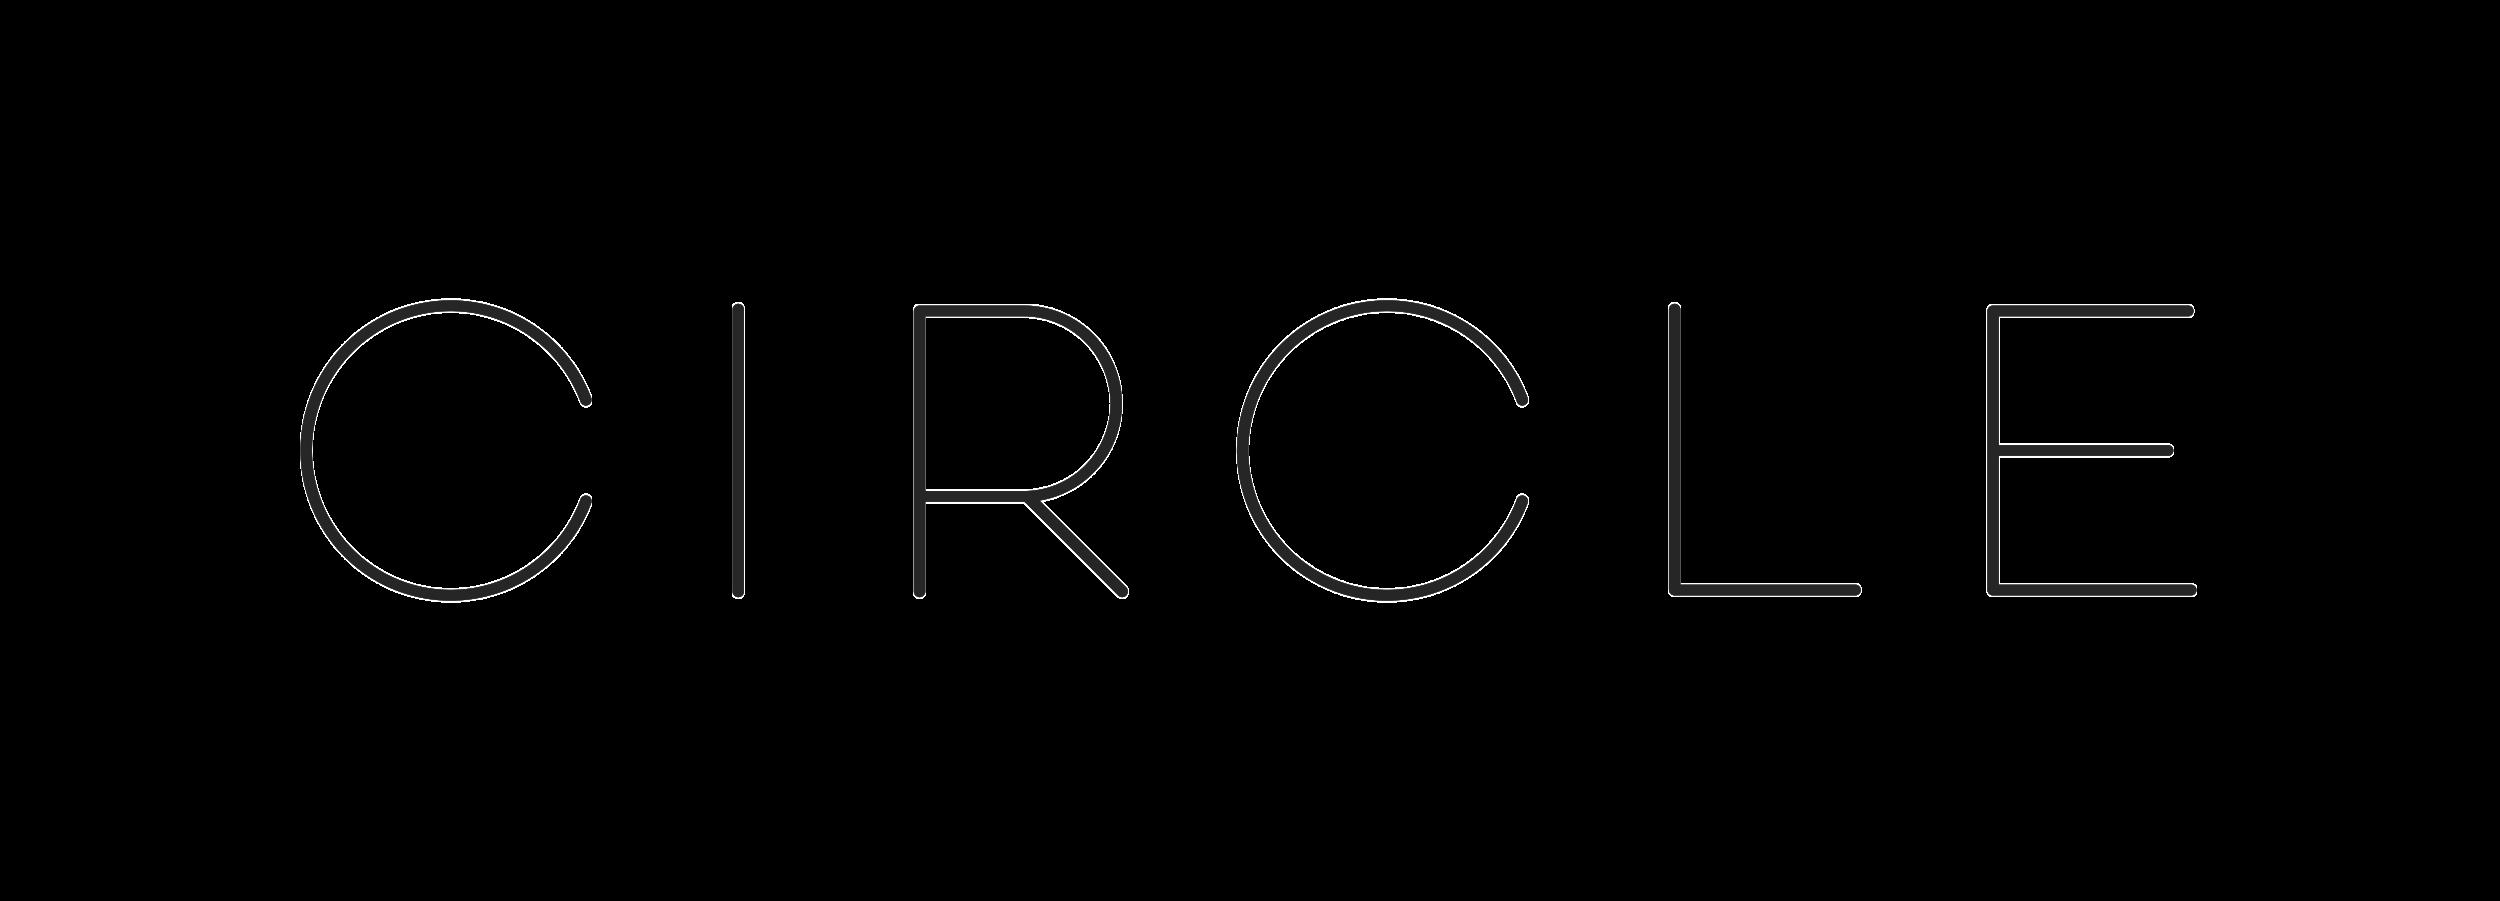 circle-logo-wordmark-black.png